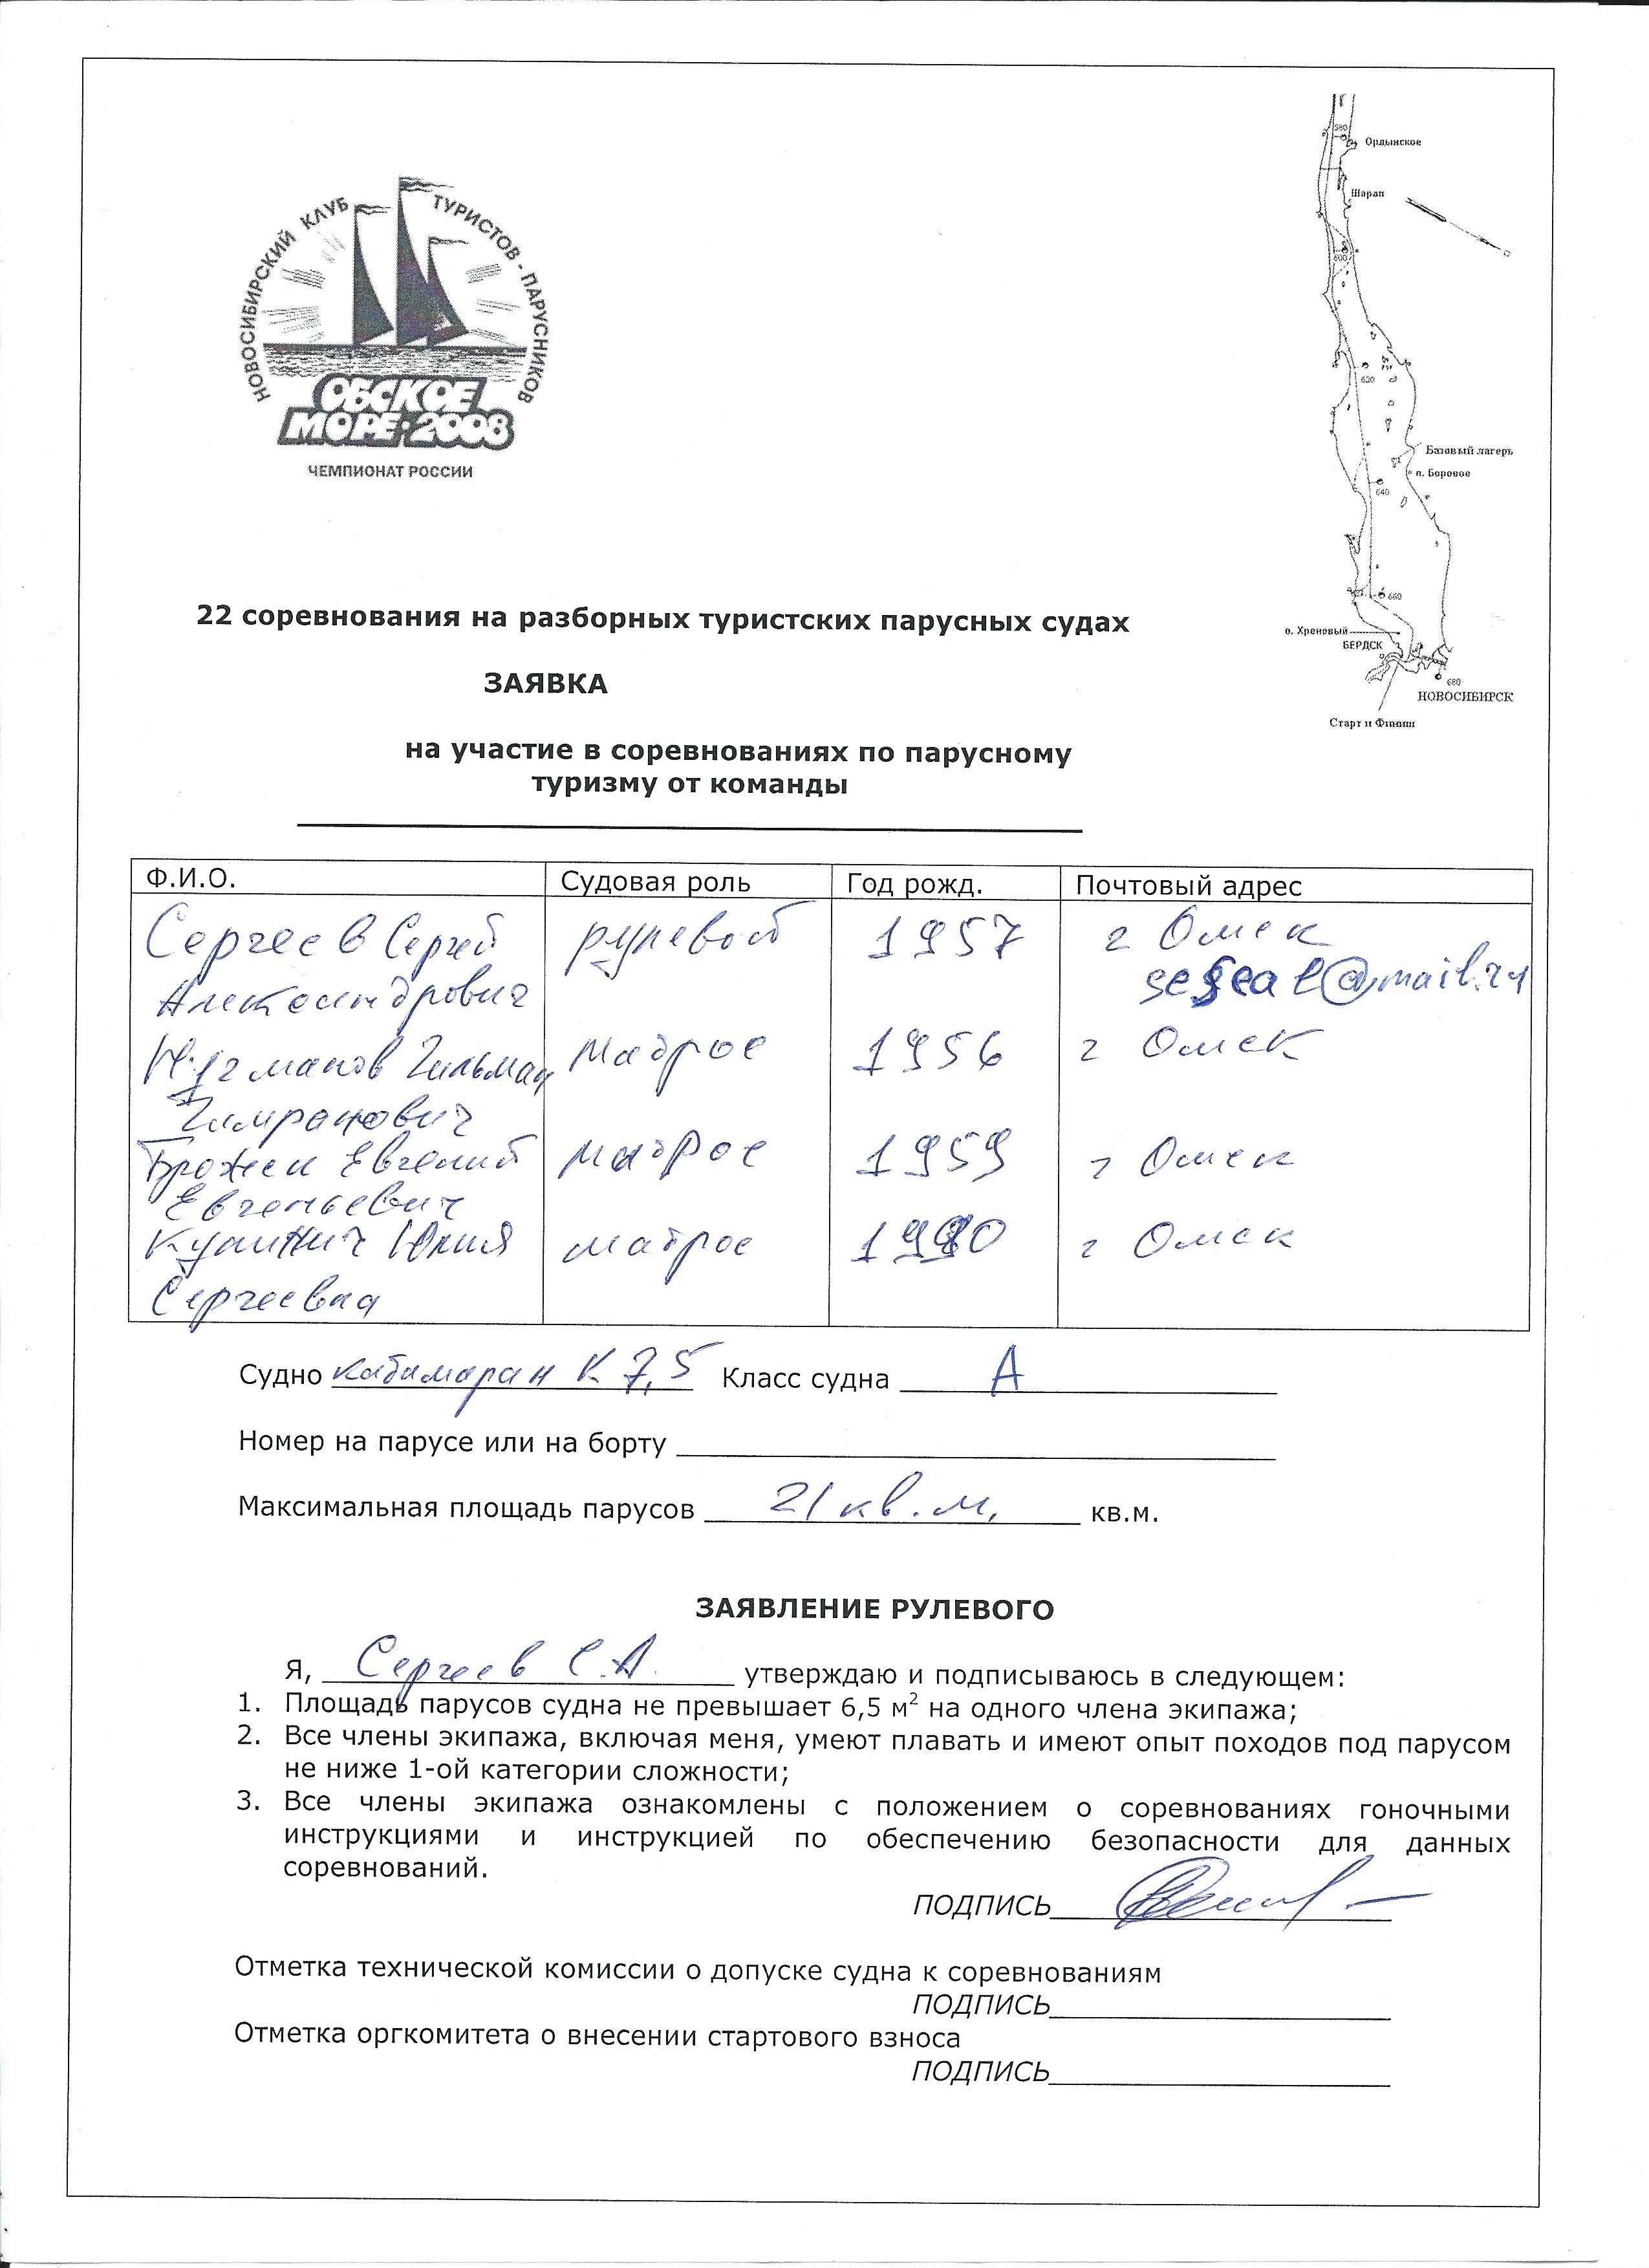 Сергеев С.А.